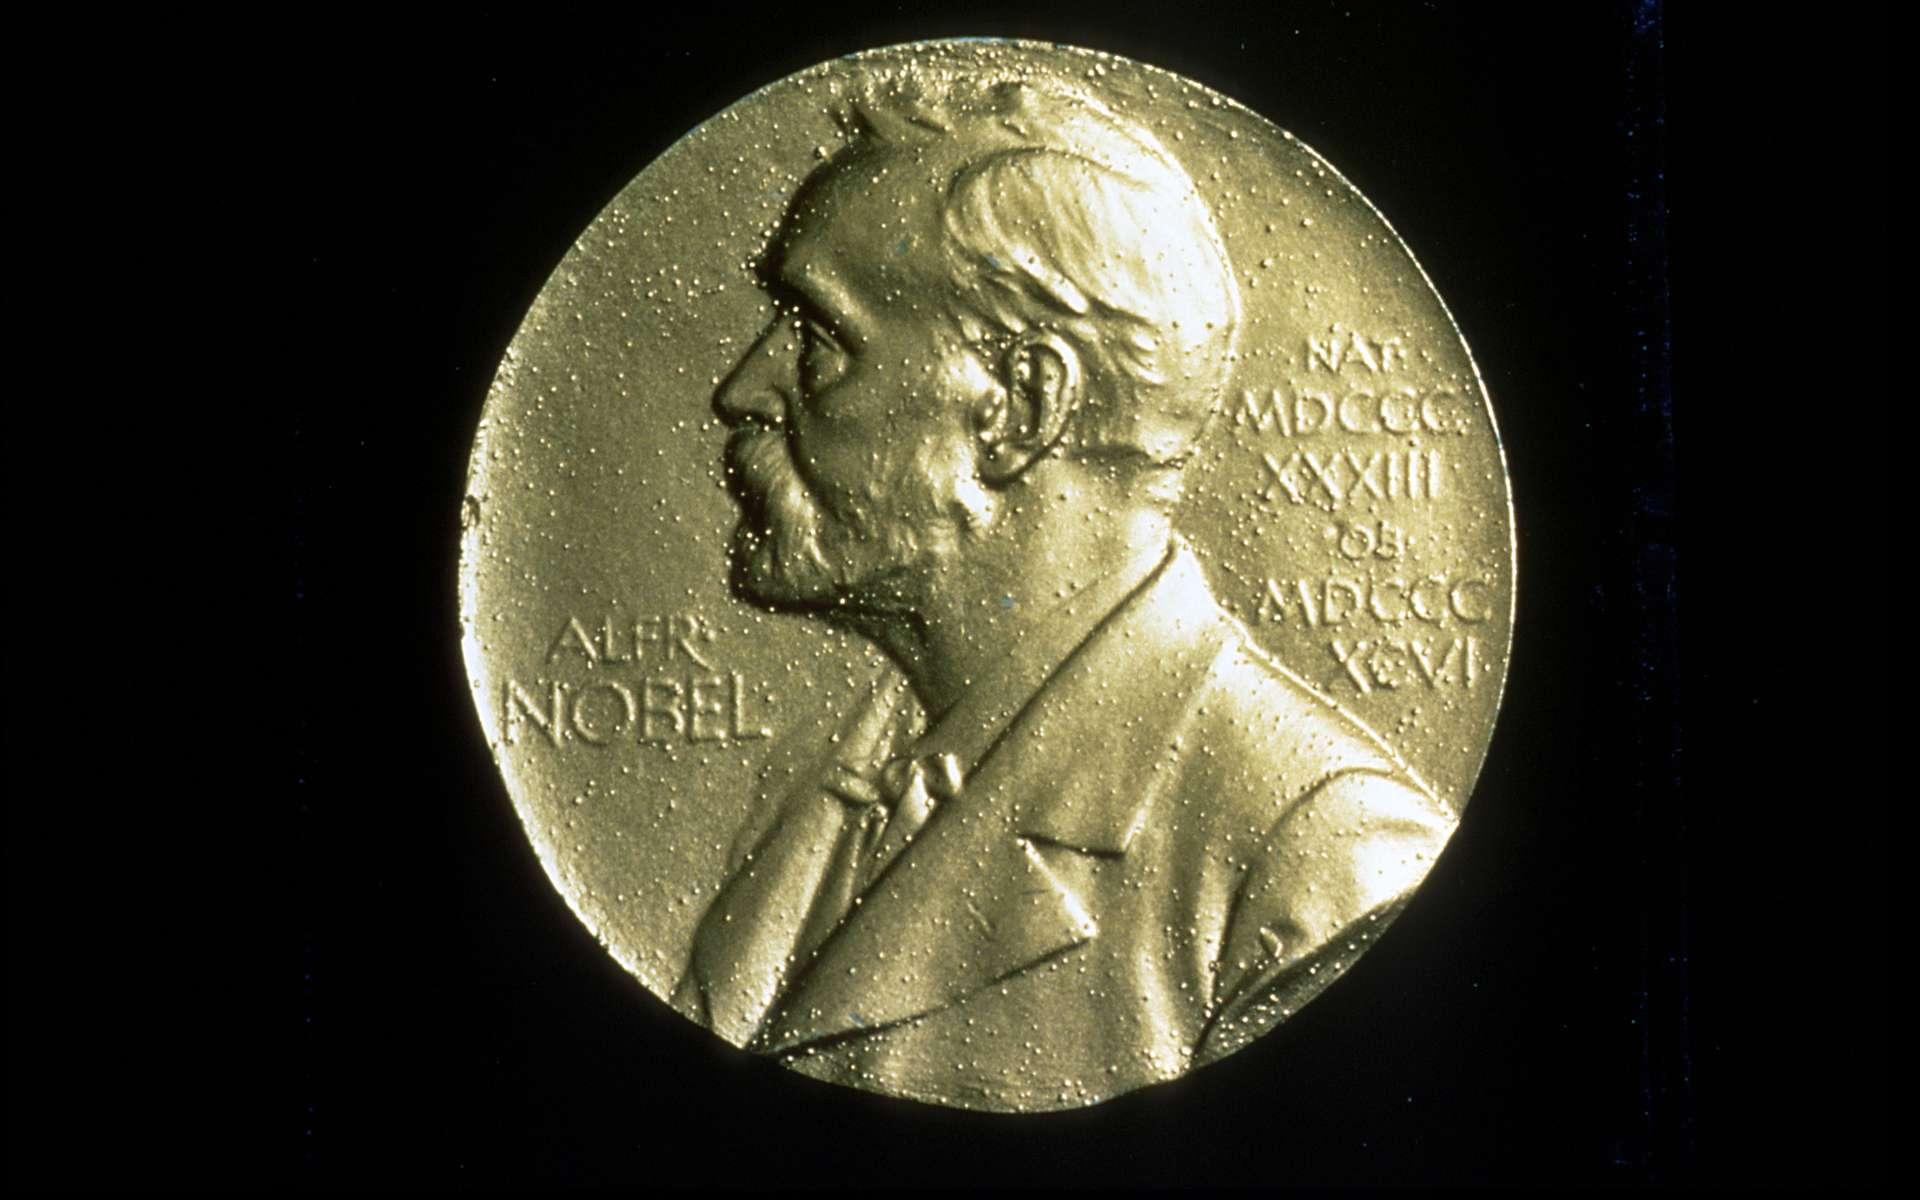 Parmi les 204 lauréats du prix Nobel de médecine, on compte seulement 10 femmes. Le plus jeune, Frederick Banting, avait seulement 32 ans, lorsqu'il a été récompensé pour la découverte de l'insuline en 1923. En 2013, ce sont deux États-uniens, James Rothman et Randy Schekman, ainsi qu'un Allemand, Thomas Südhof, qui reçoivent ce prix pour leurs découvertes sur le transport vésiculaire. © Institut national du cancer, Wikimedia Commons, DP